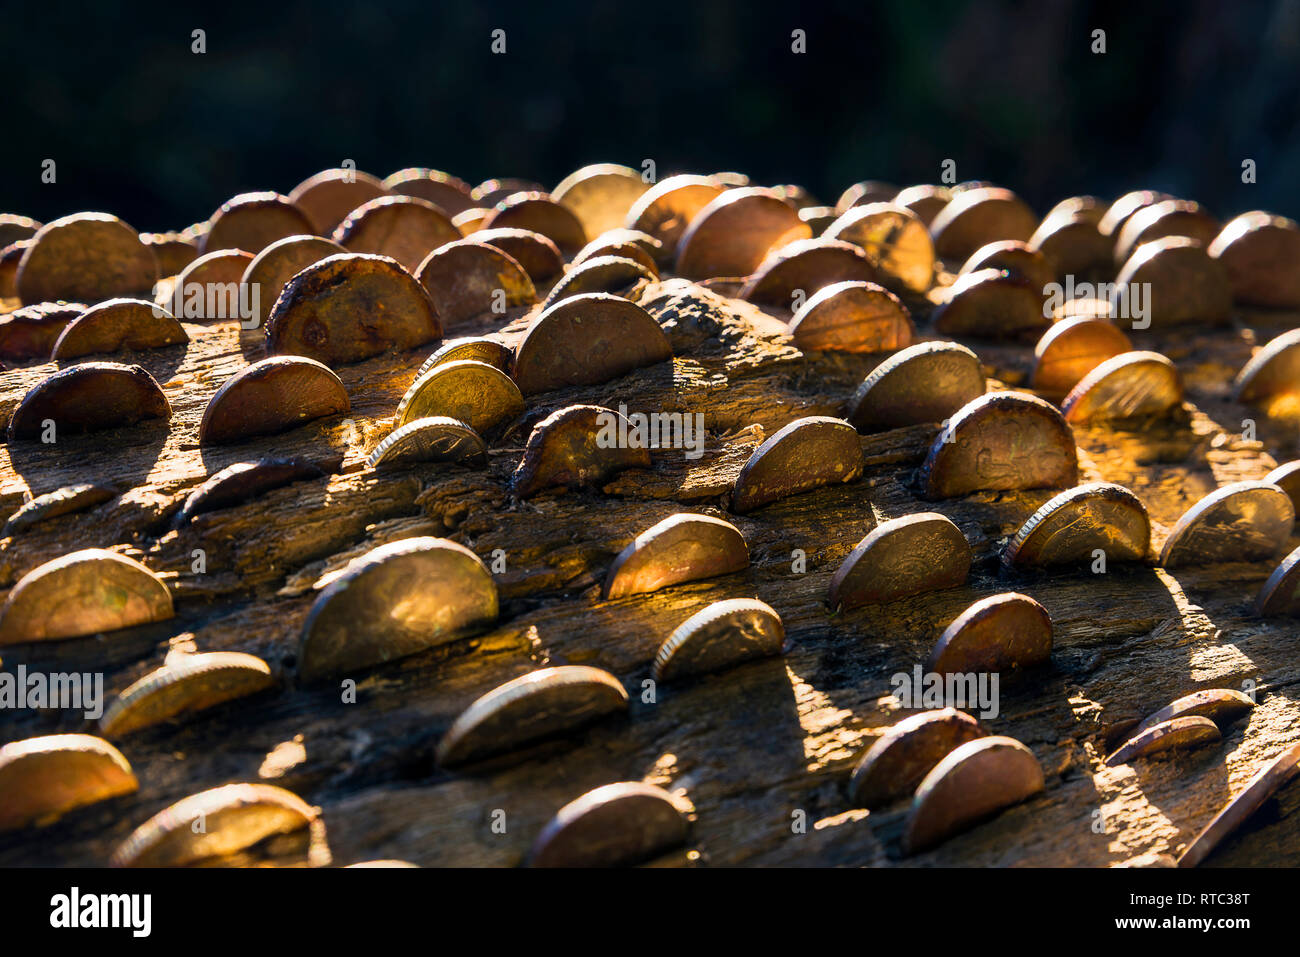 Hämmern Münzen in einen Baum centuires Trunks ist eine alte Tradition, die für einige sagten zu bringen Glück und oder anderen Erkrankungen der Vario zu heilen Stockbild